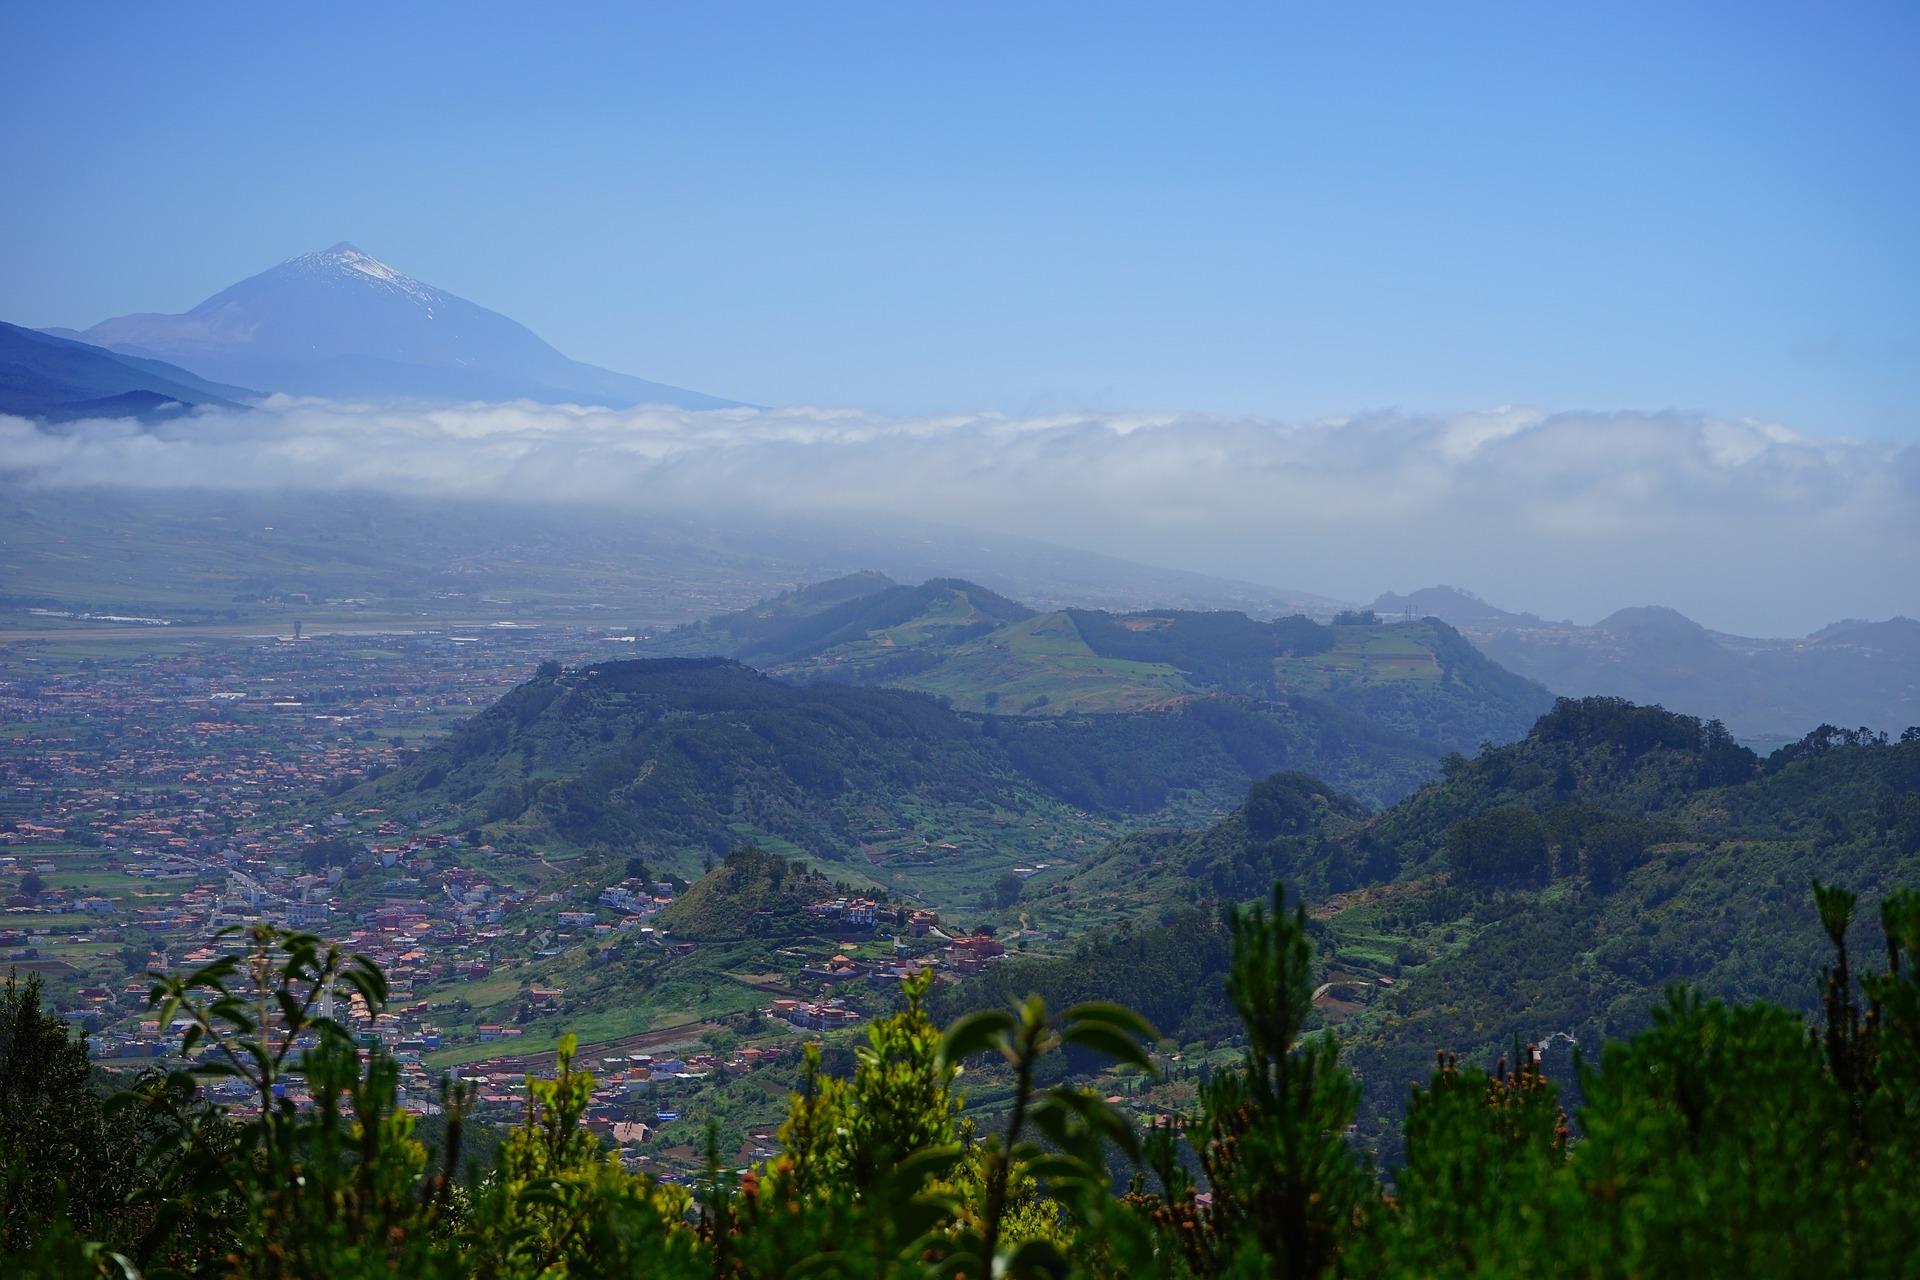 Teide der höchste Berg Europas auf der Insel Teneriffa